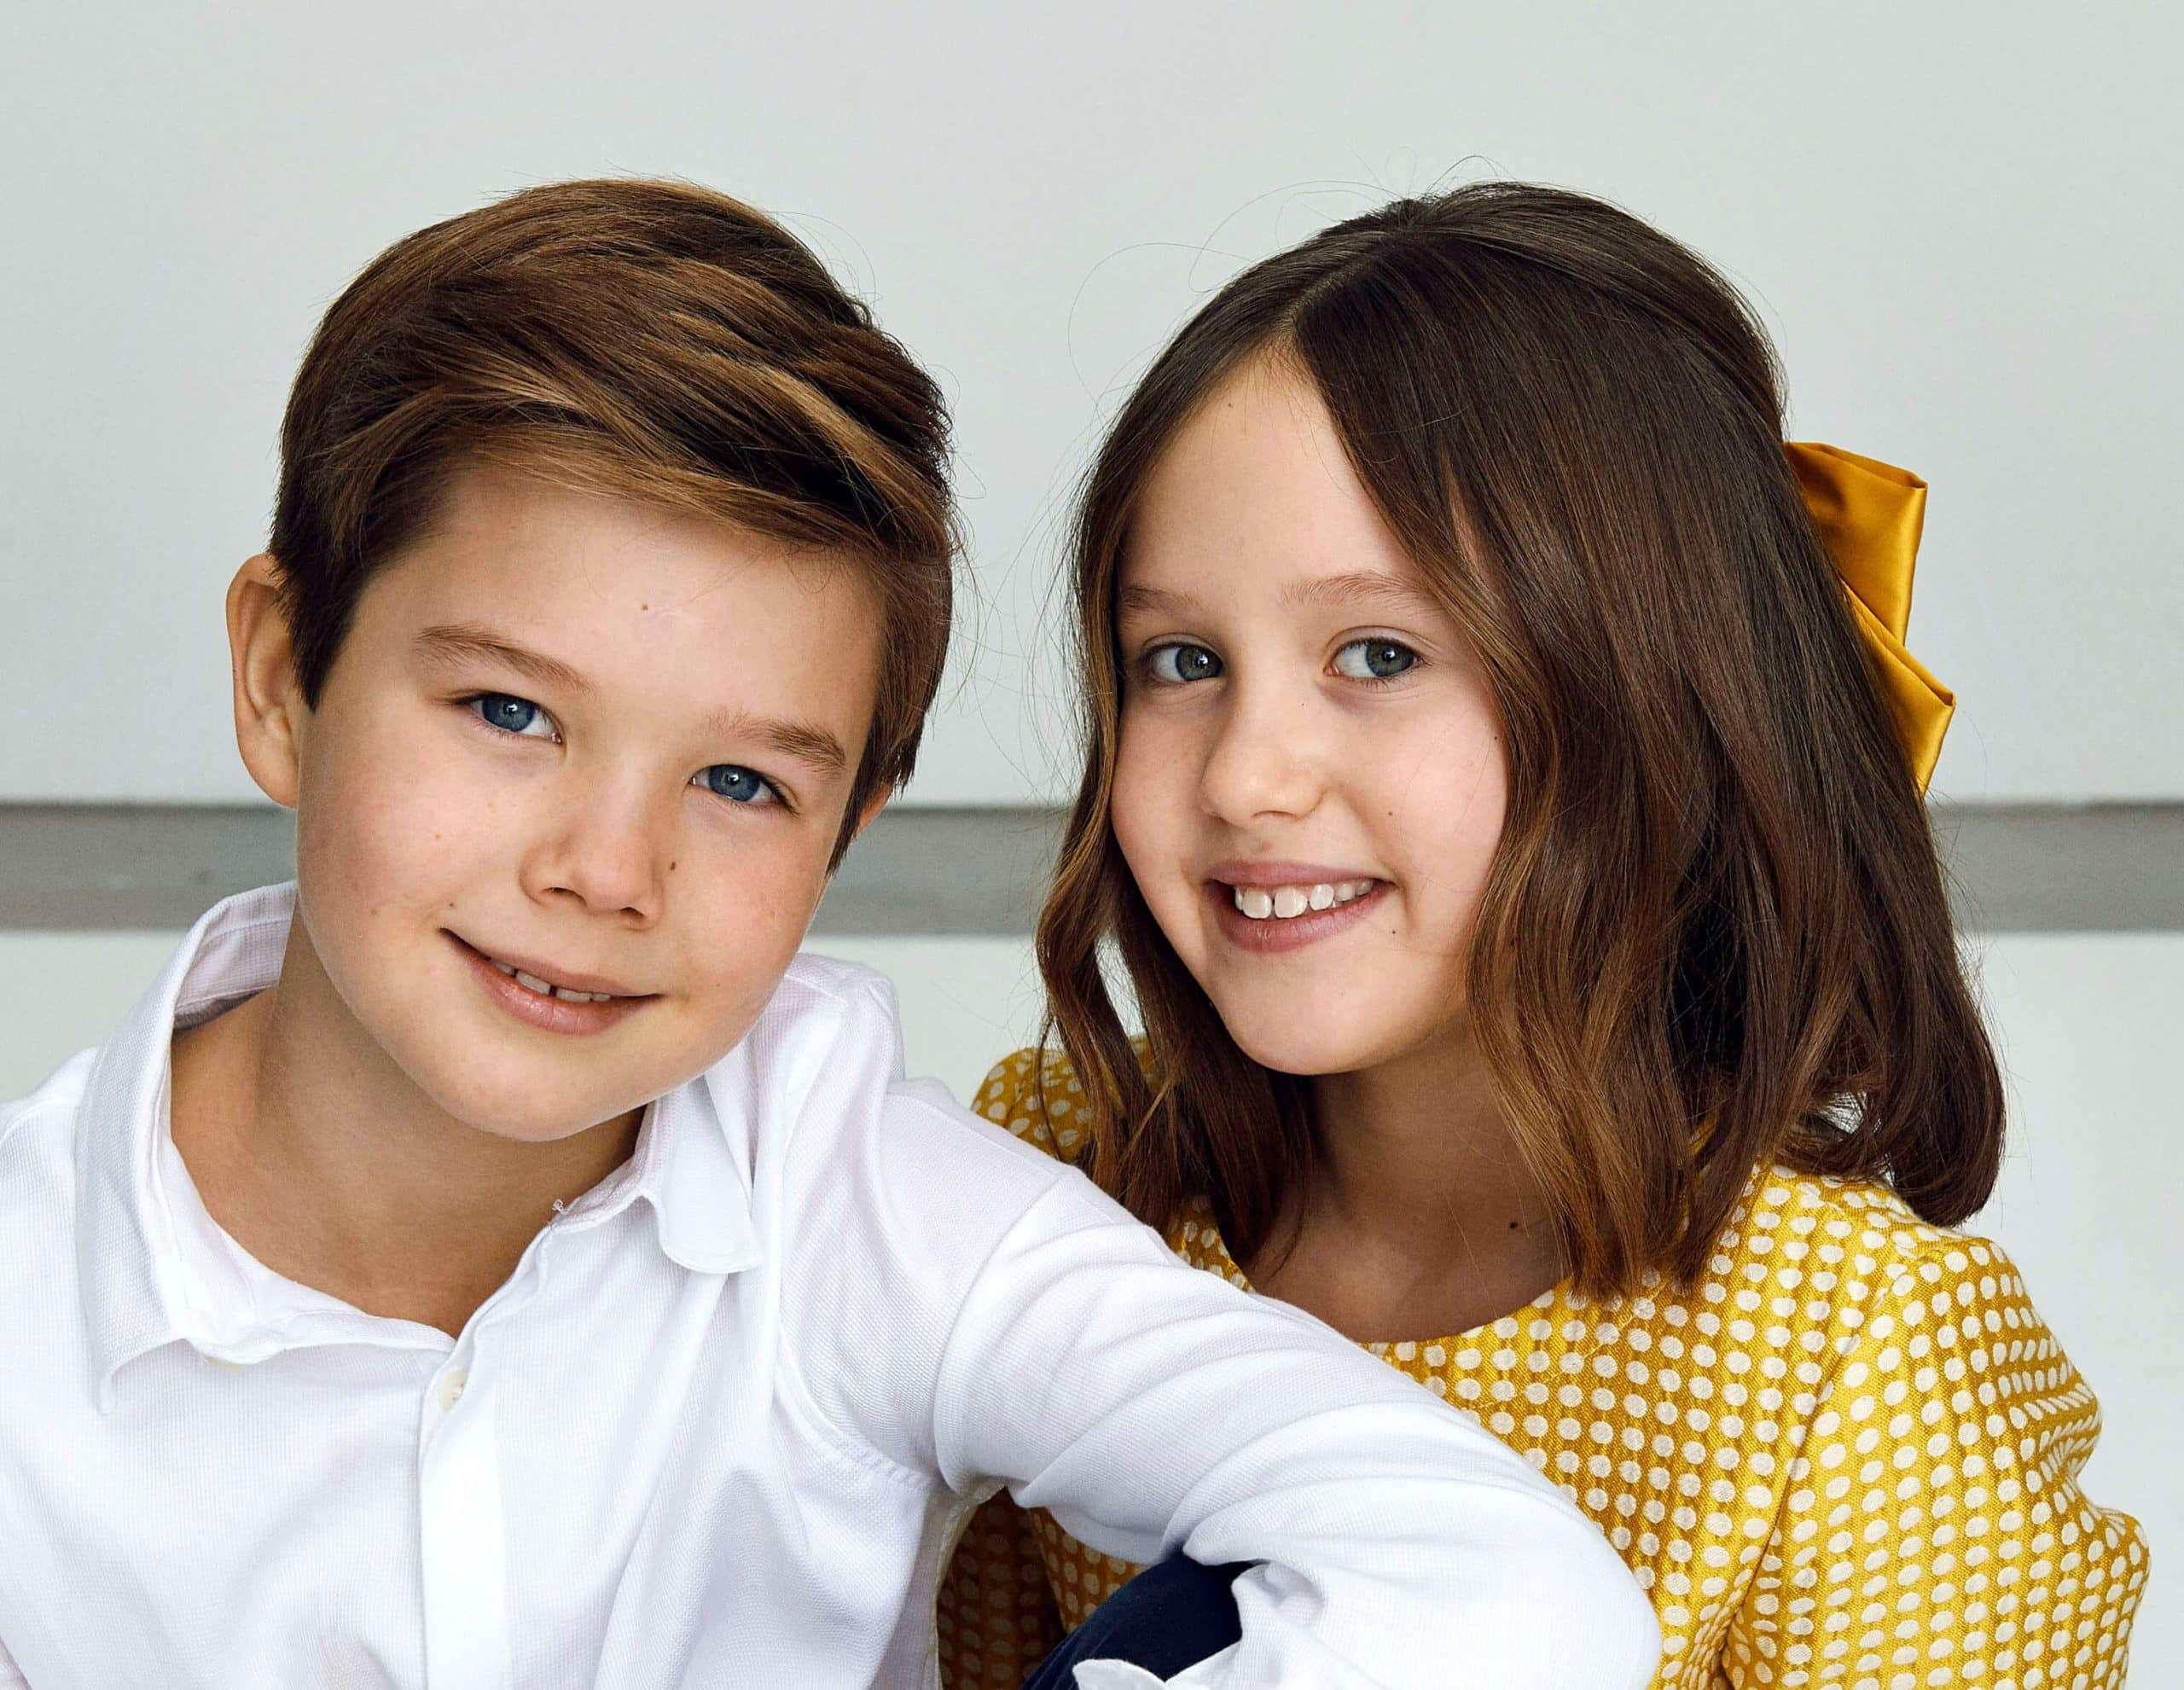 Vincent und Josephine feiern Geburtstag